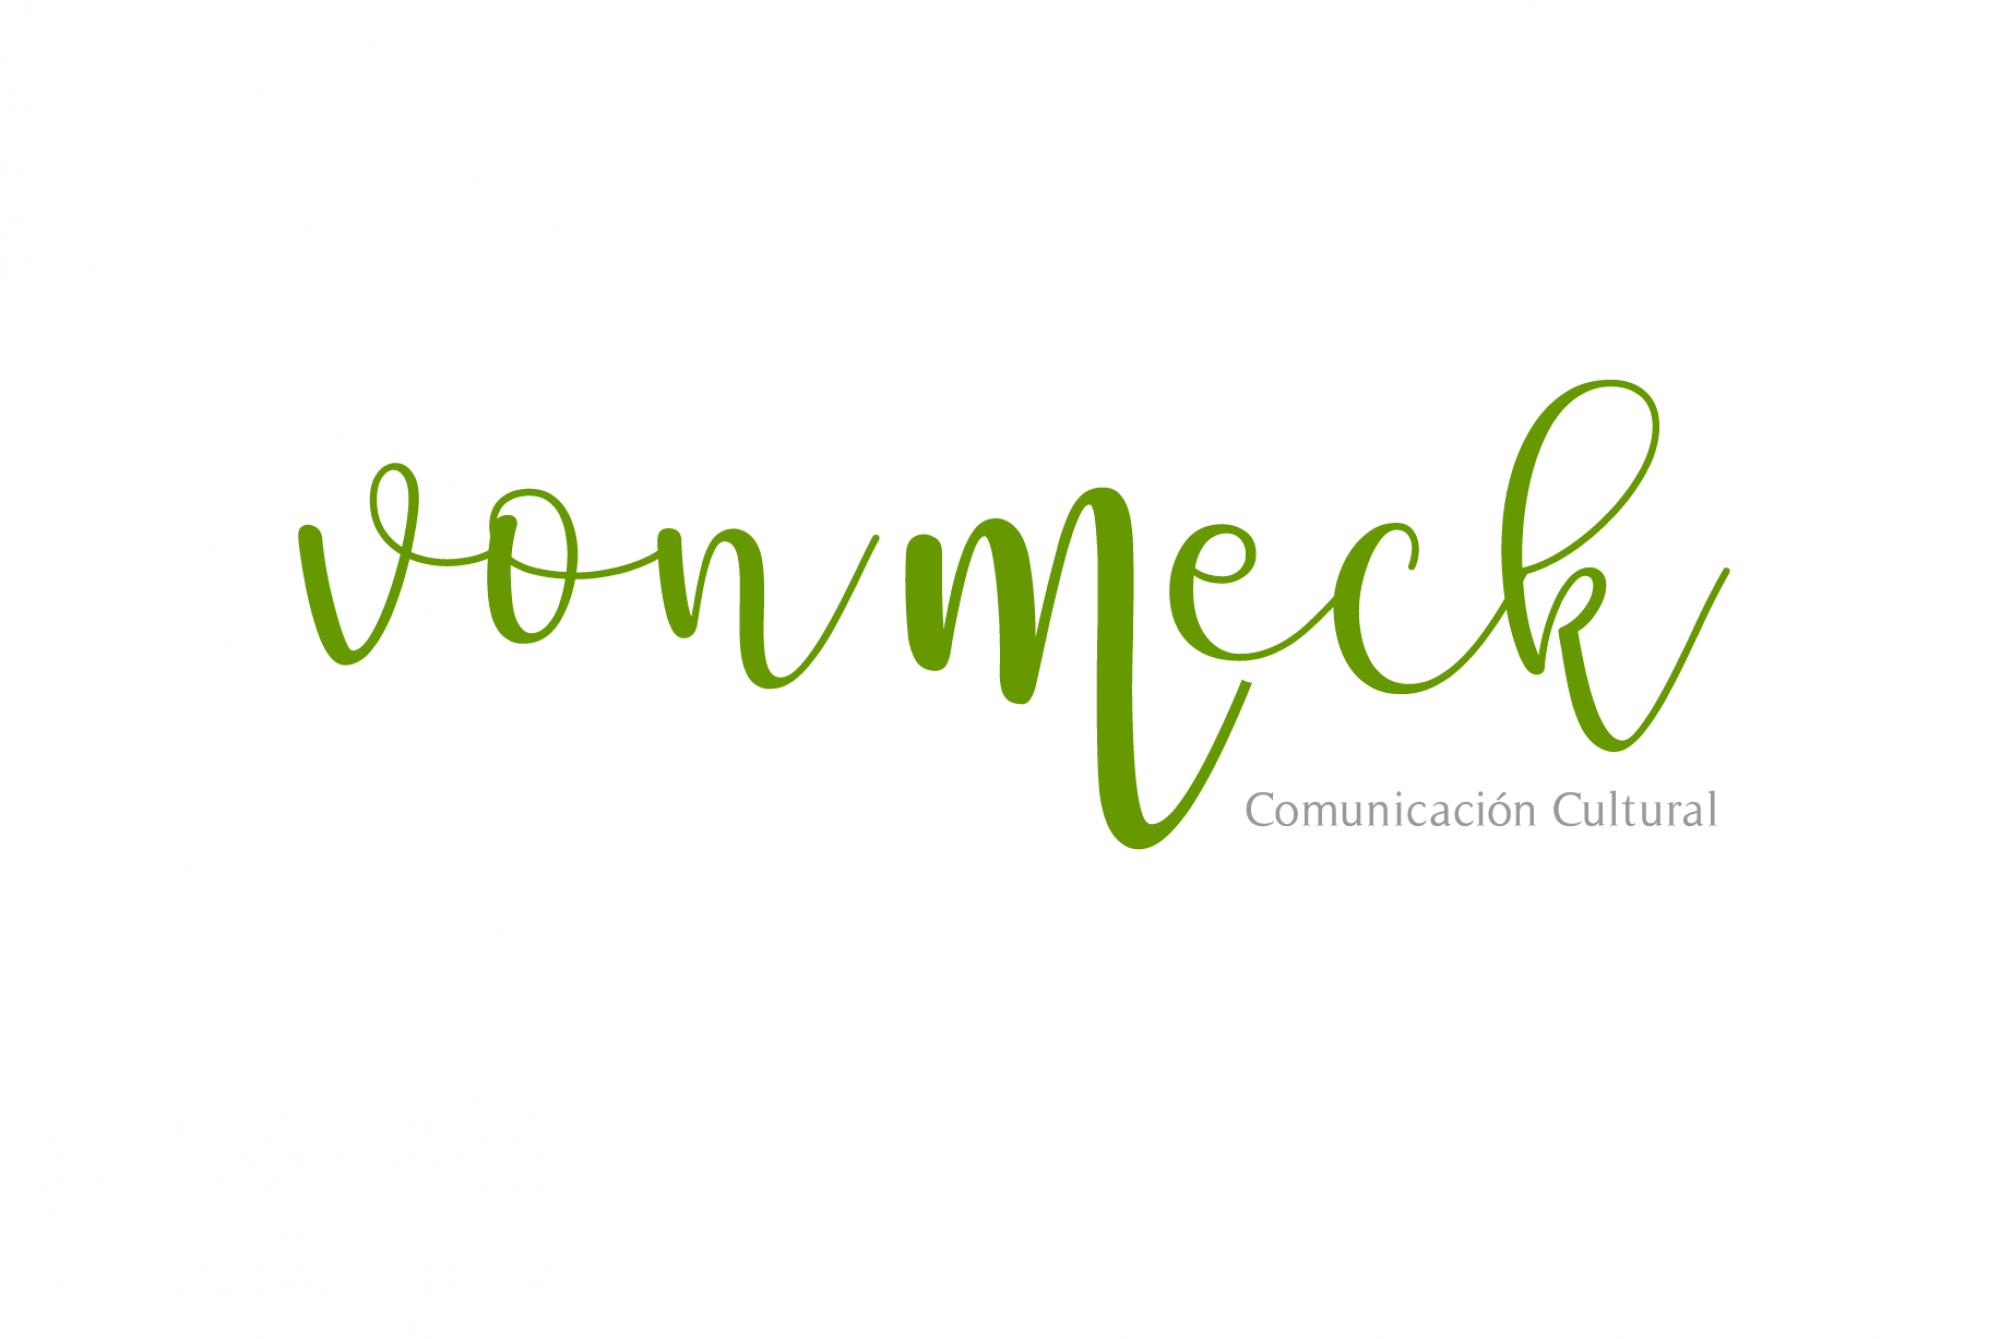 von Meck Comunicación Cultural